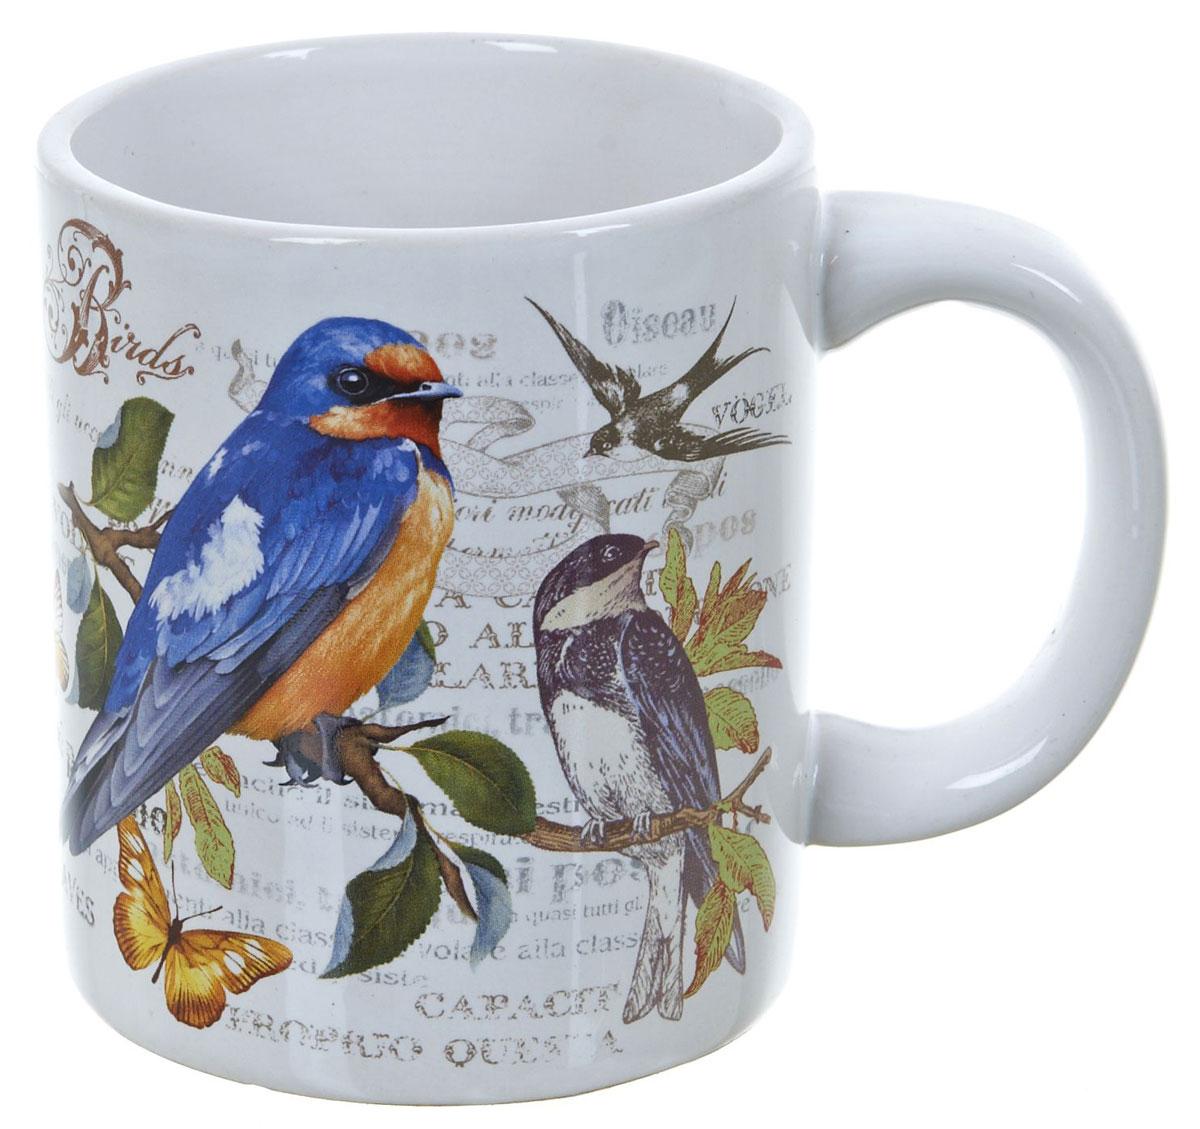 Кружка ENS Group Birds, 400 мл. L2430743L2430743Кружка Birds выполнена из высококачественной керамики. Снаружи она декорирована ярким рисунком. Кружка сочетает в себе оригинальный дизайн и функциональность. Благодаря такой кружке пить напитки будет еще вкуснее. Упакована в подарочную упаковку, что может послужть отличным подарком родным и близким!